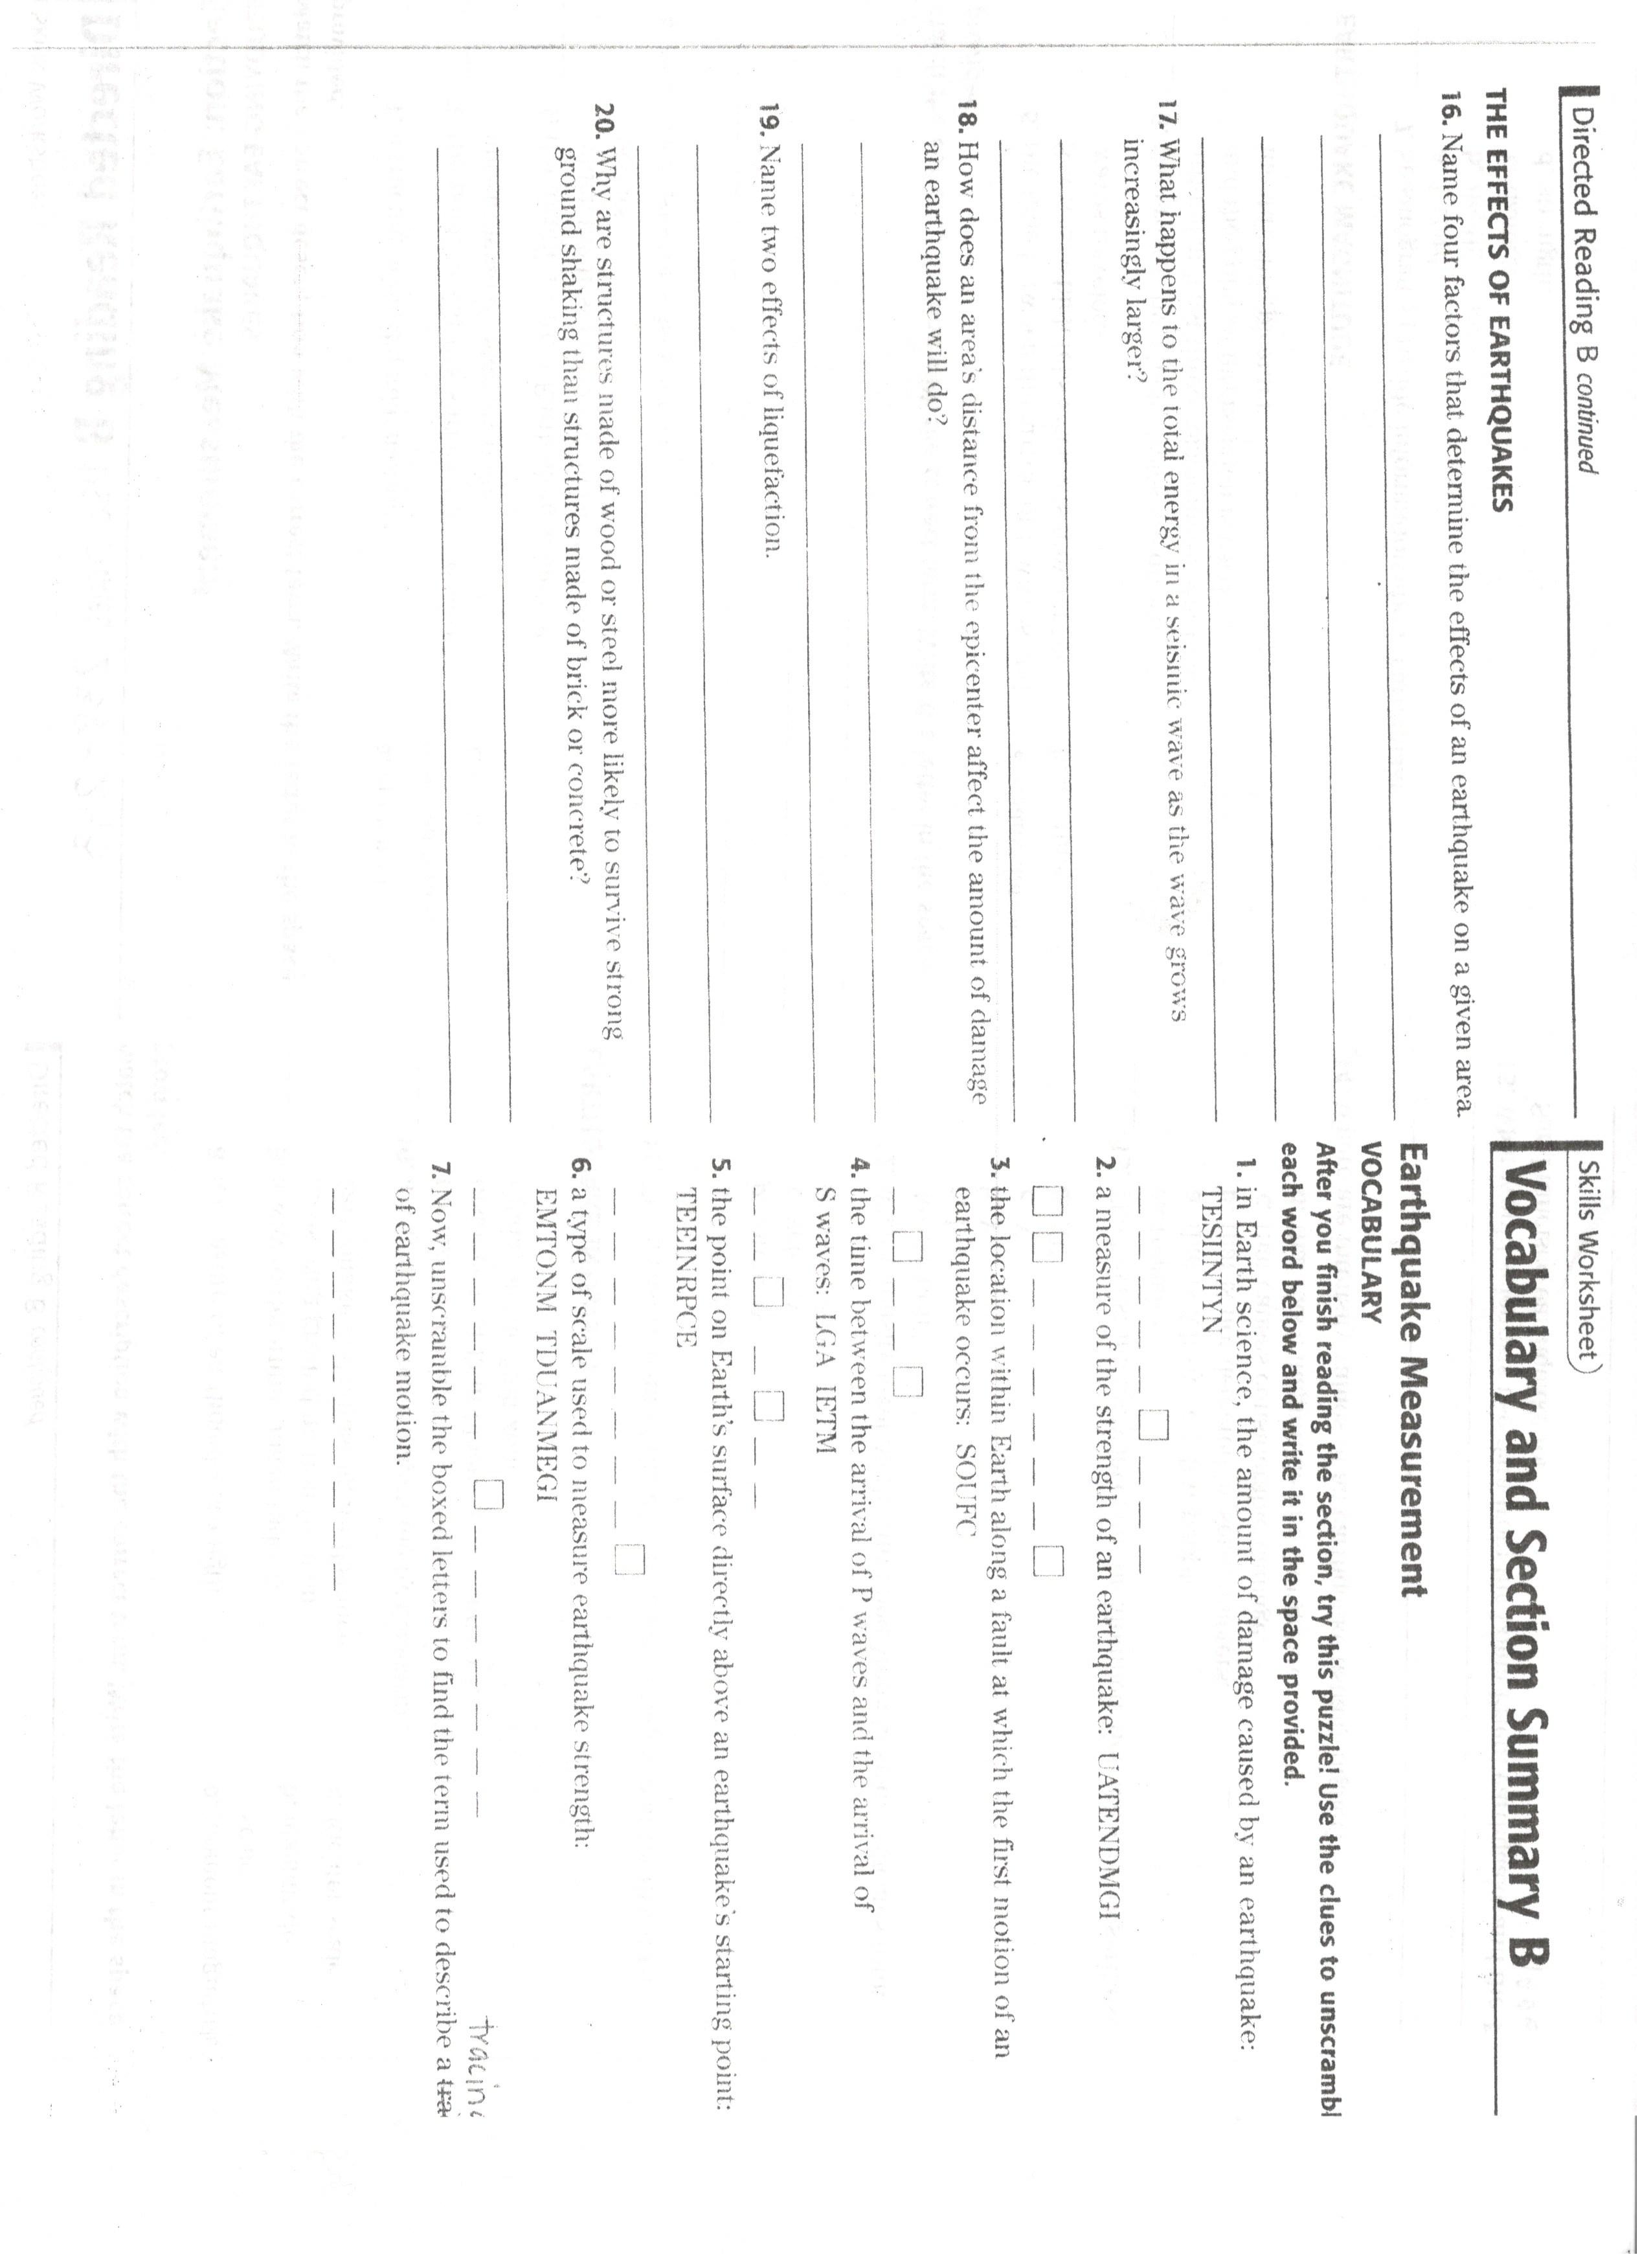 worksheet Find The Epicenter Worksheet marina del rey middle school study guide jpeg studyguide2 jpeg